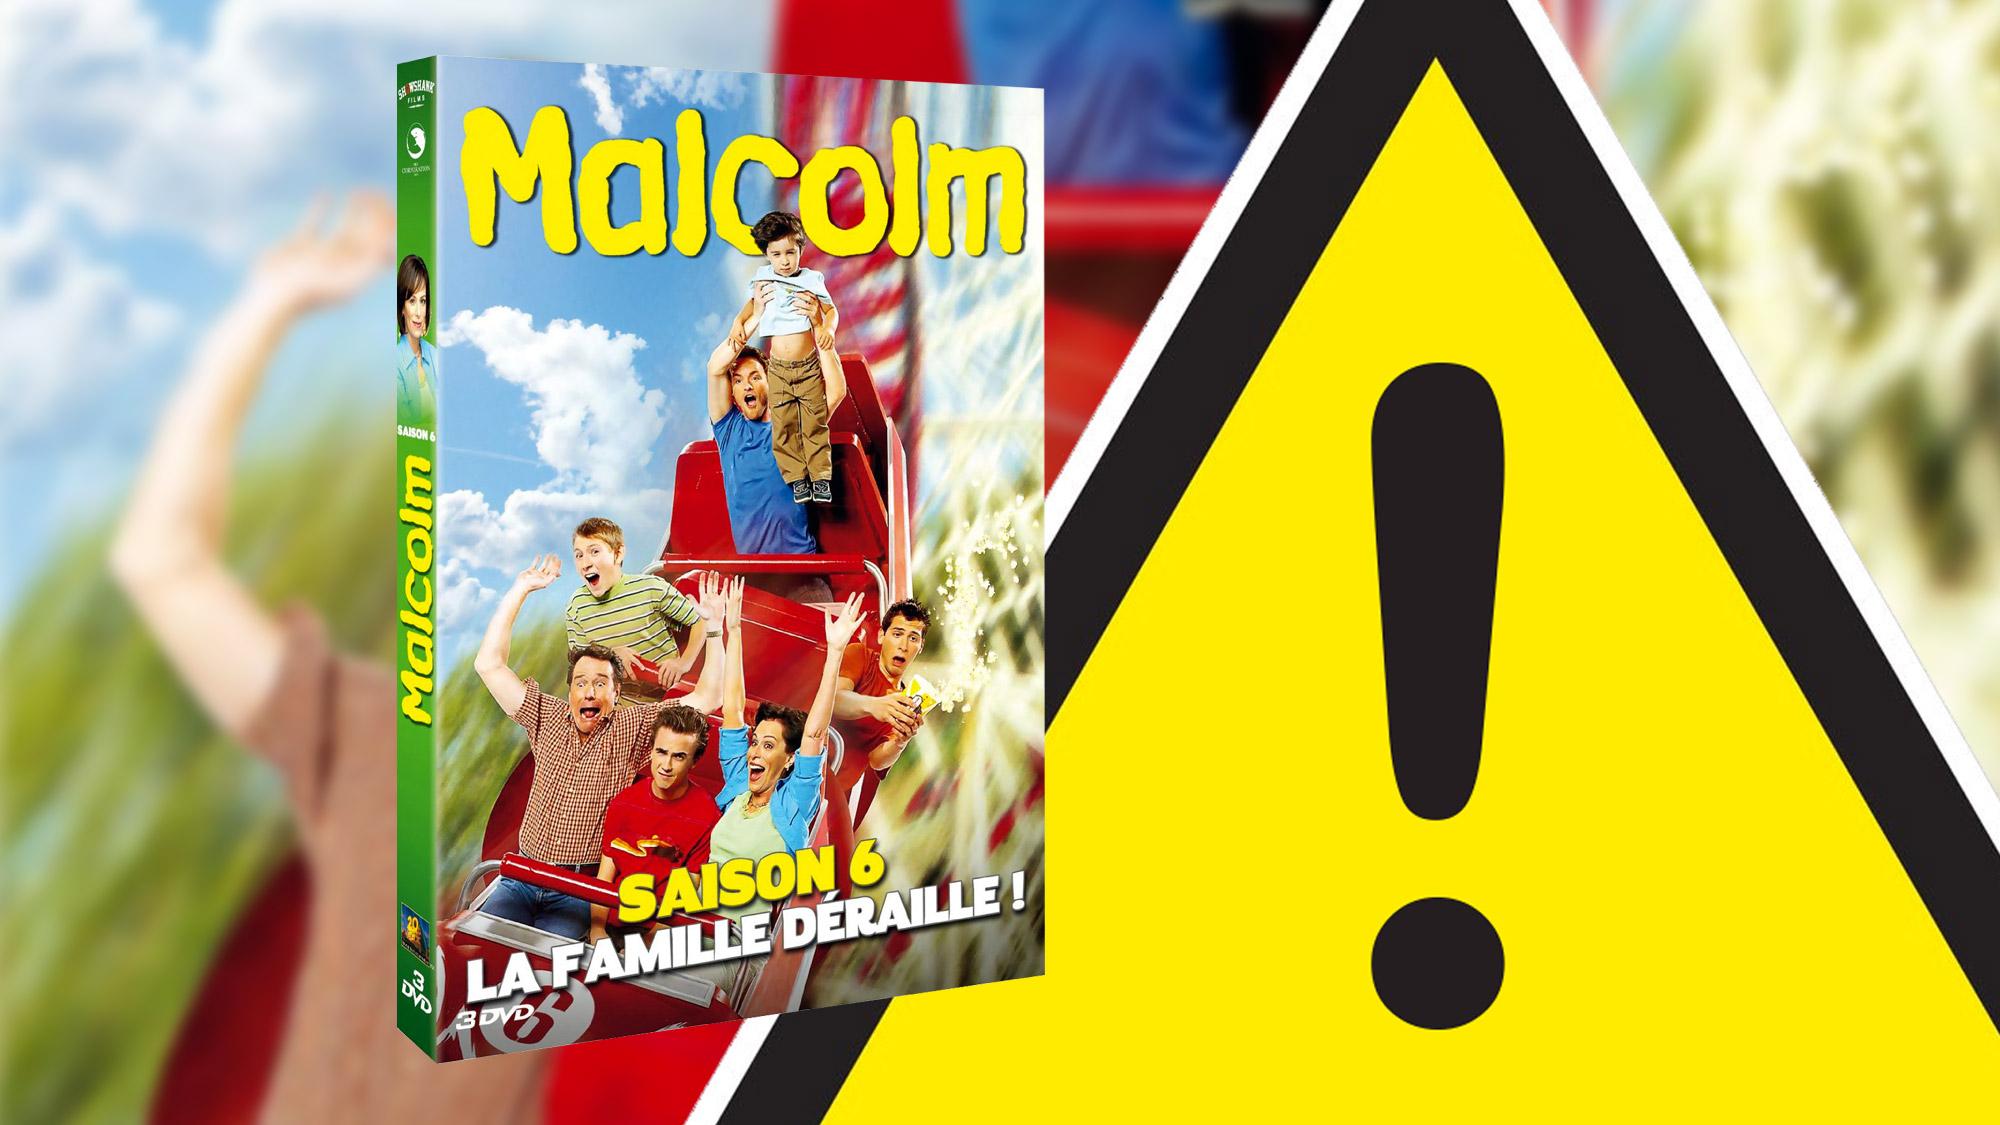 DVD <em>Malcolm</em> saison 6 : le point sur les problèmes concernant l'édition collector